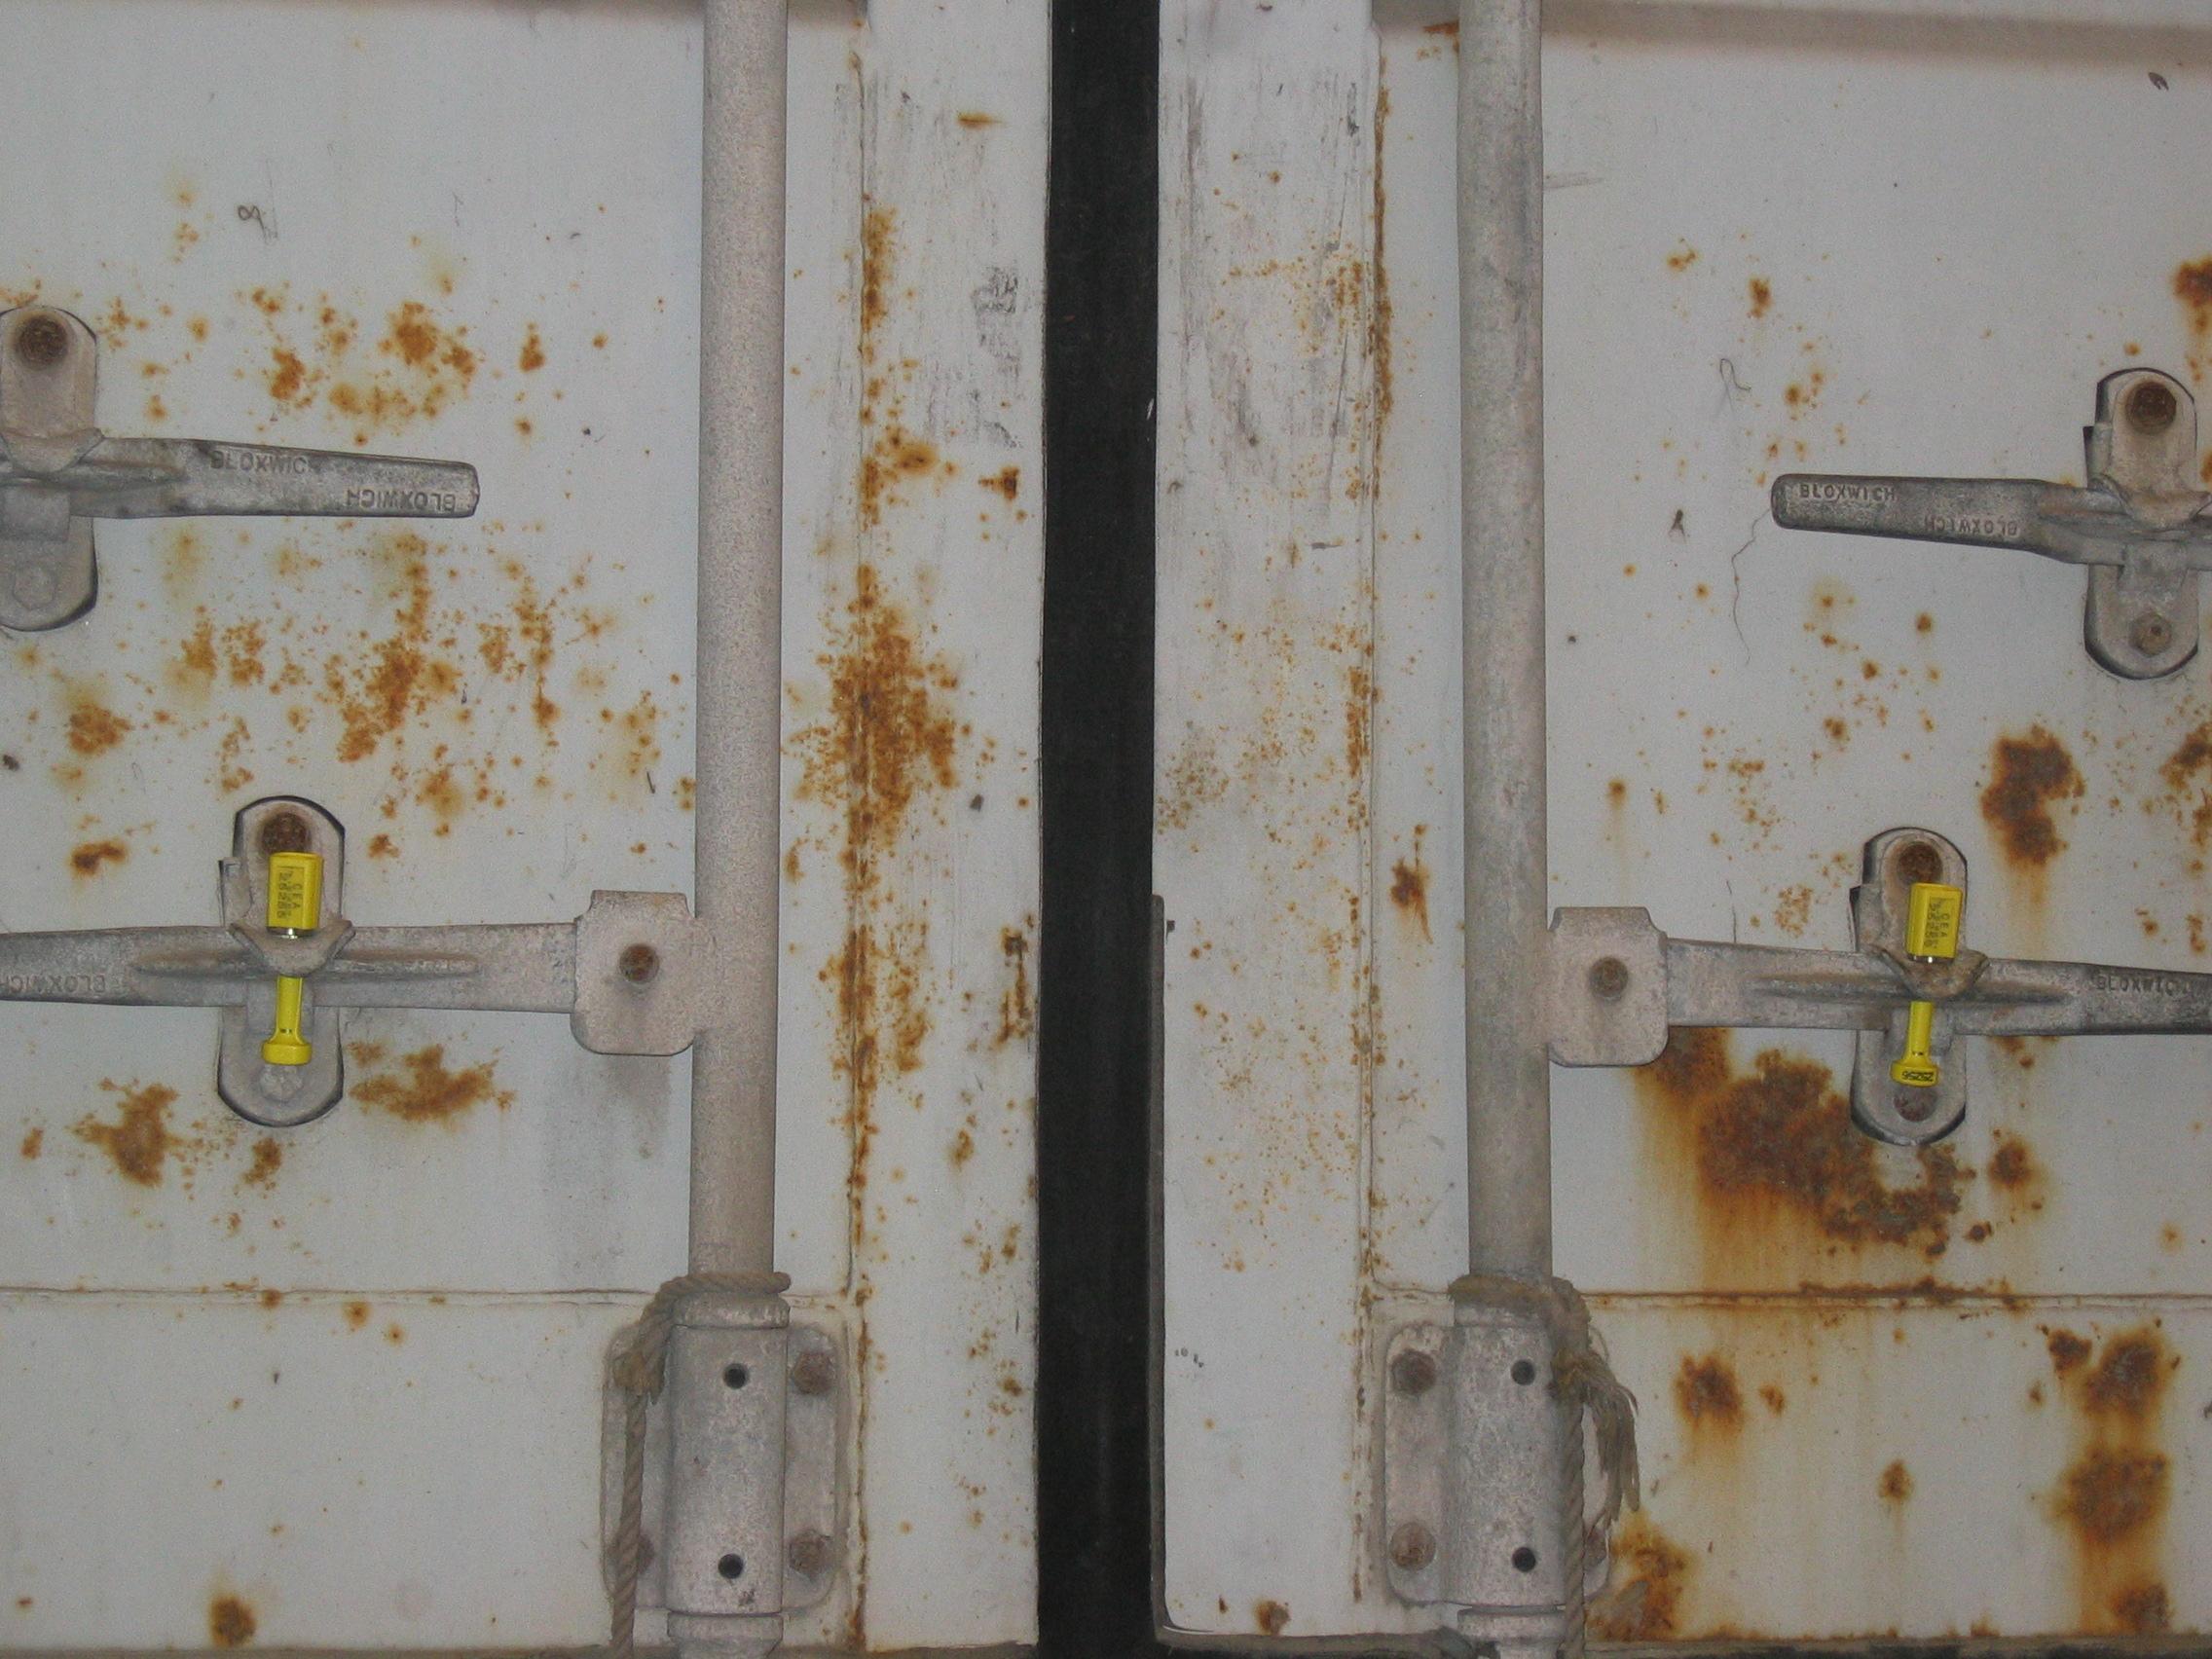 Mise en container et condannation par plomb - lagreulet SA (1)